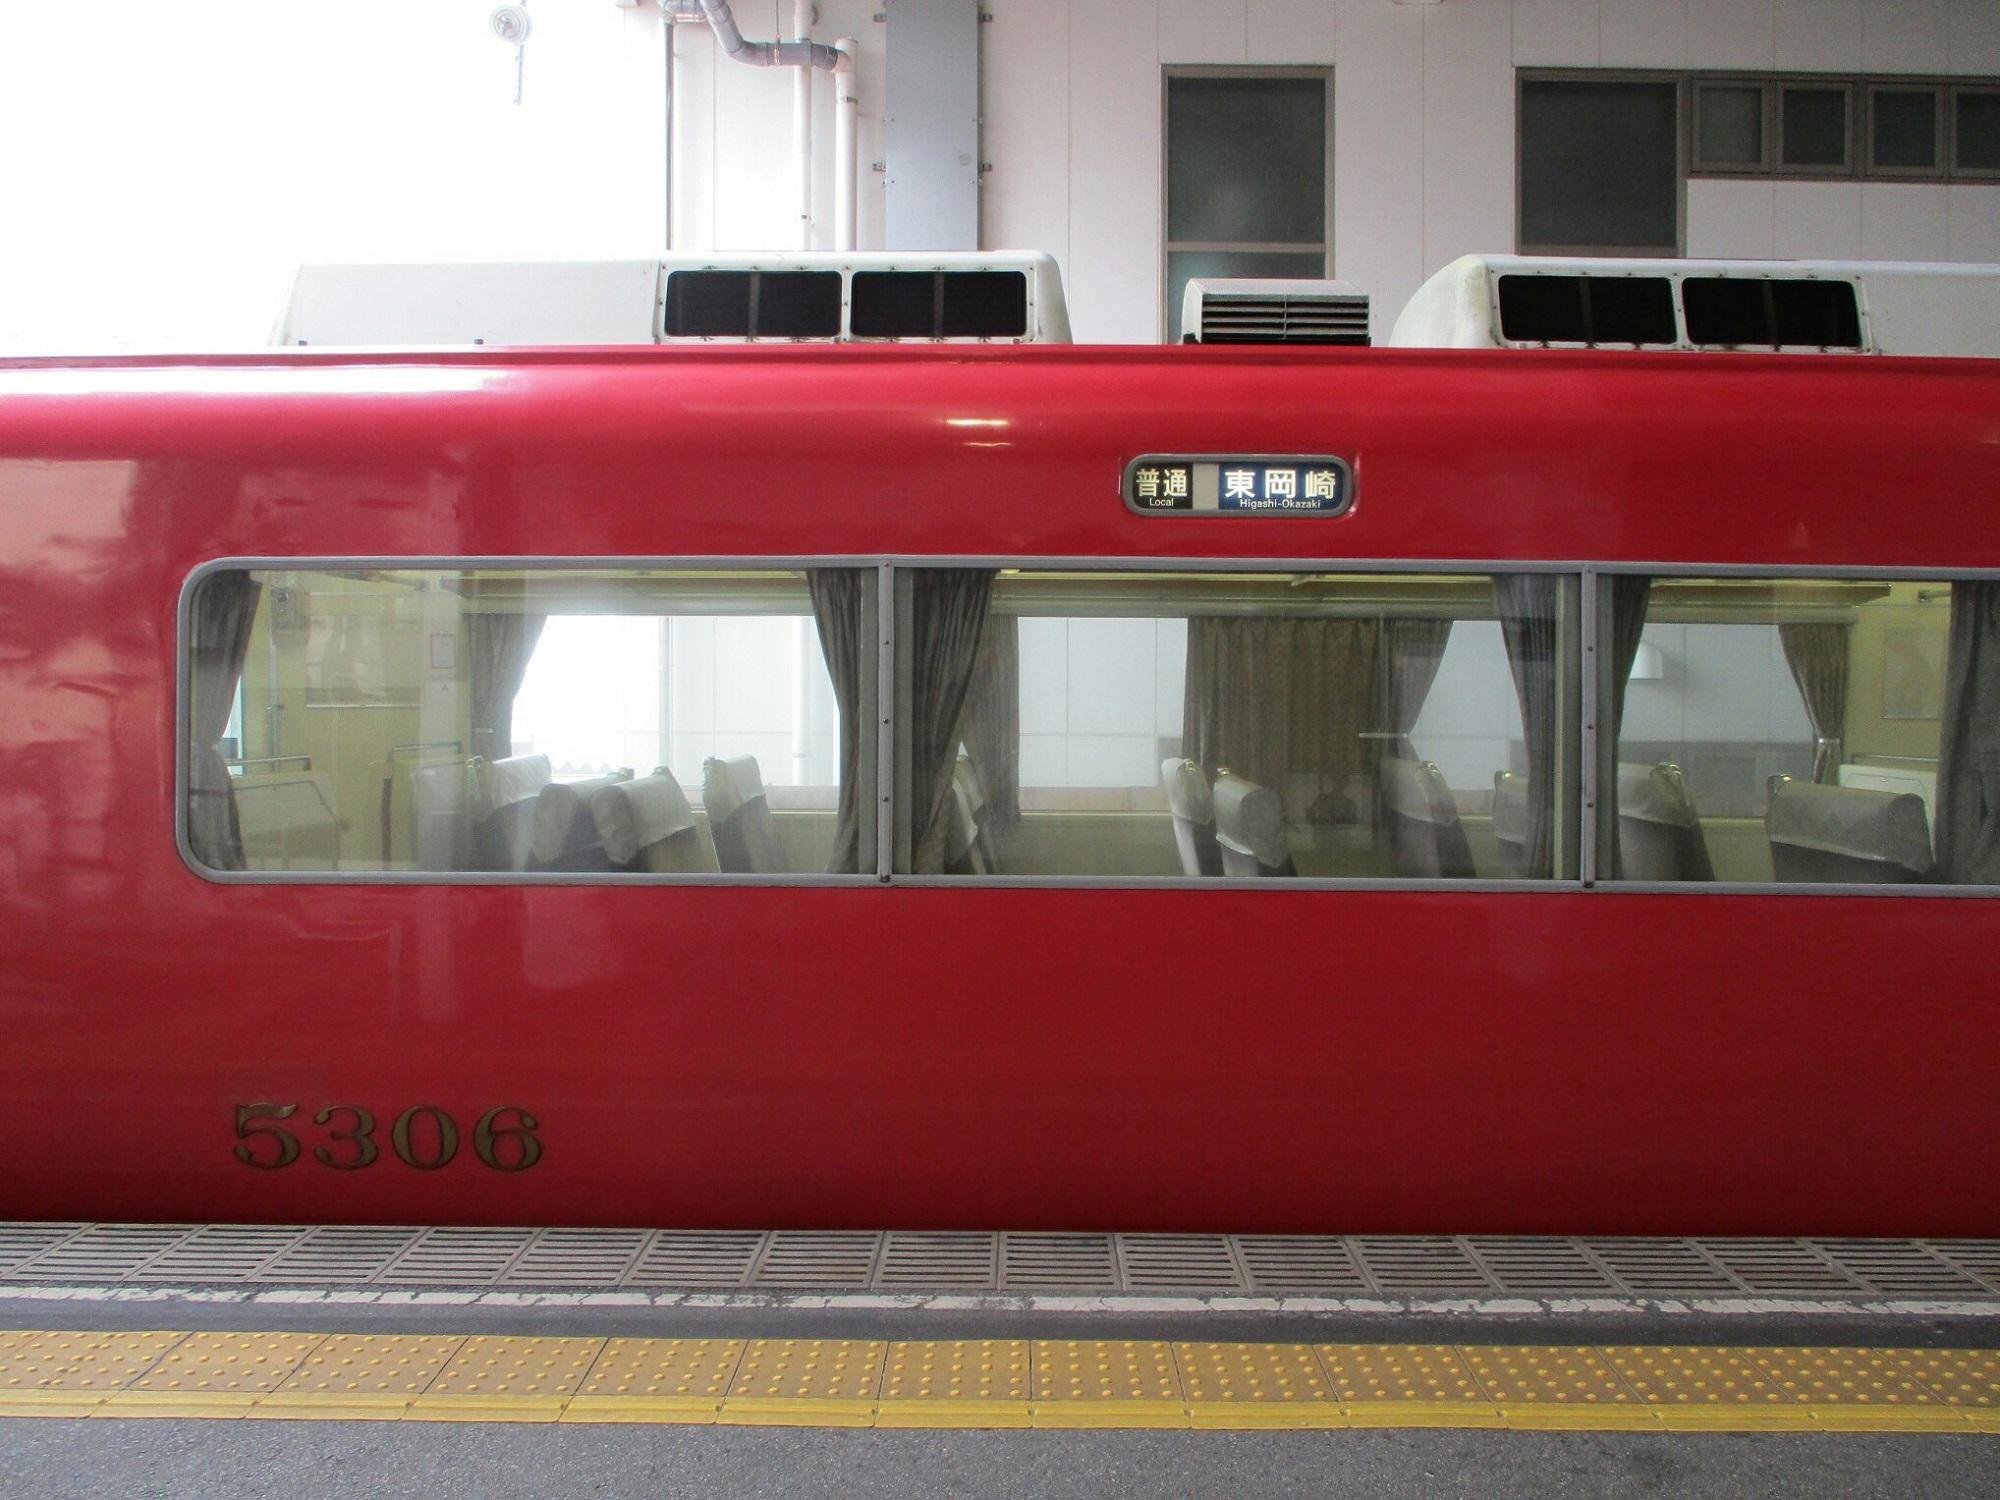 2018.6.21 (14) 東岡崎 - 東岡崎いきふつう 2000-1500